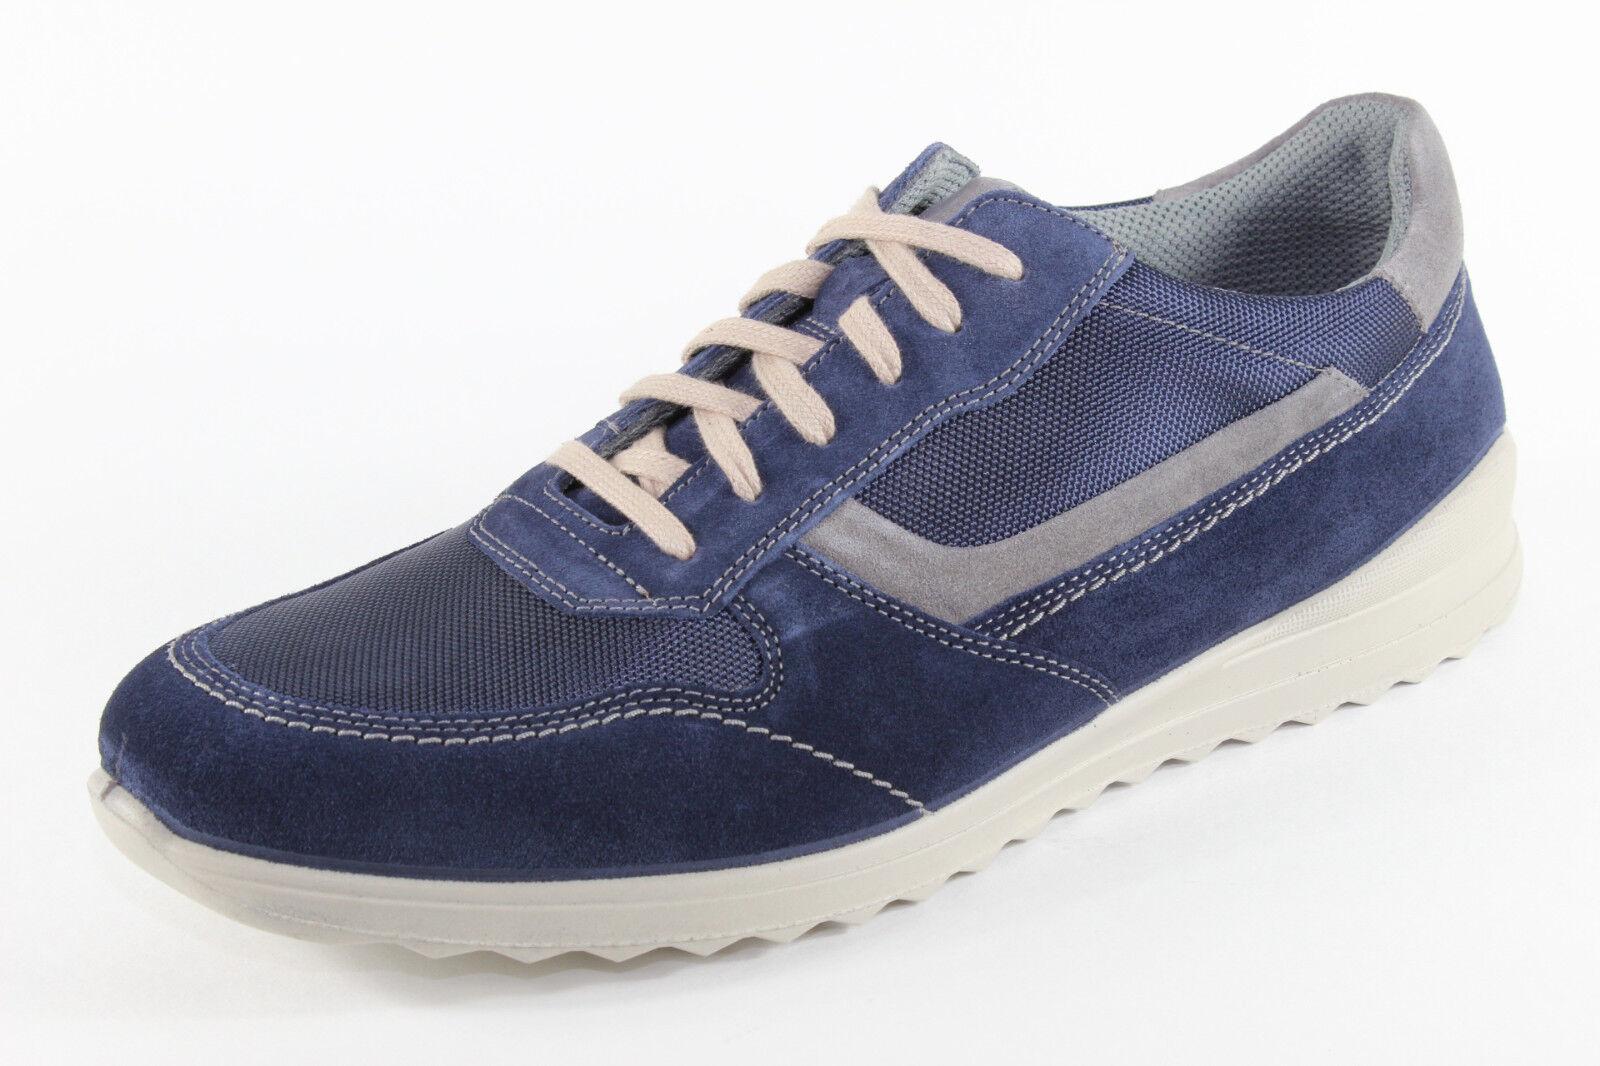 Jomos Elan 319317, bequeme Sneaker, Herrenschuhe *Übergröße*